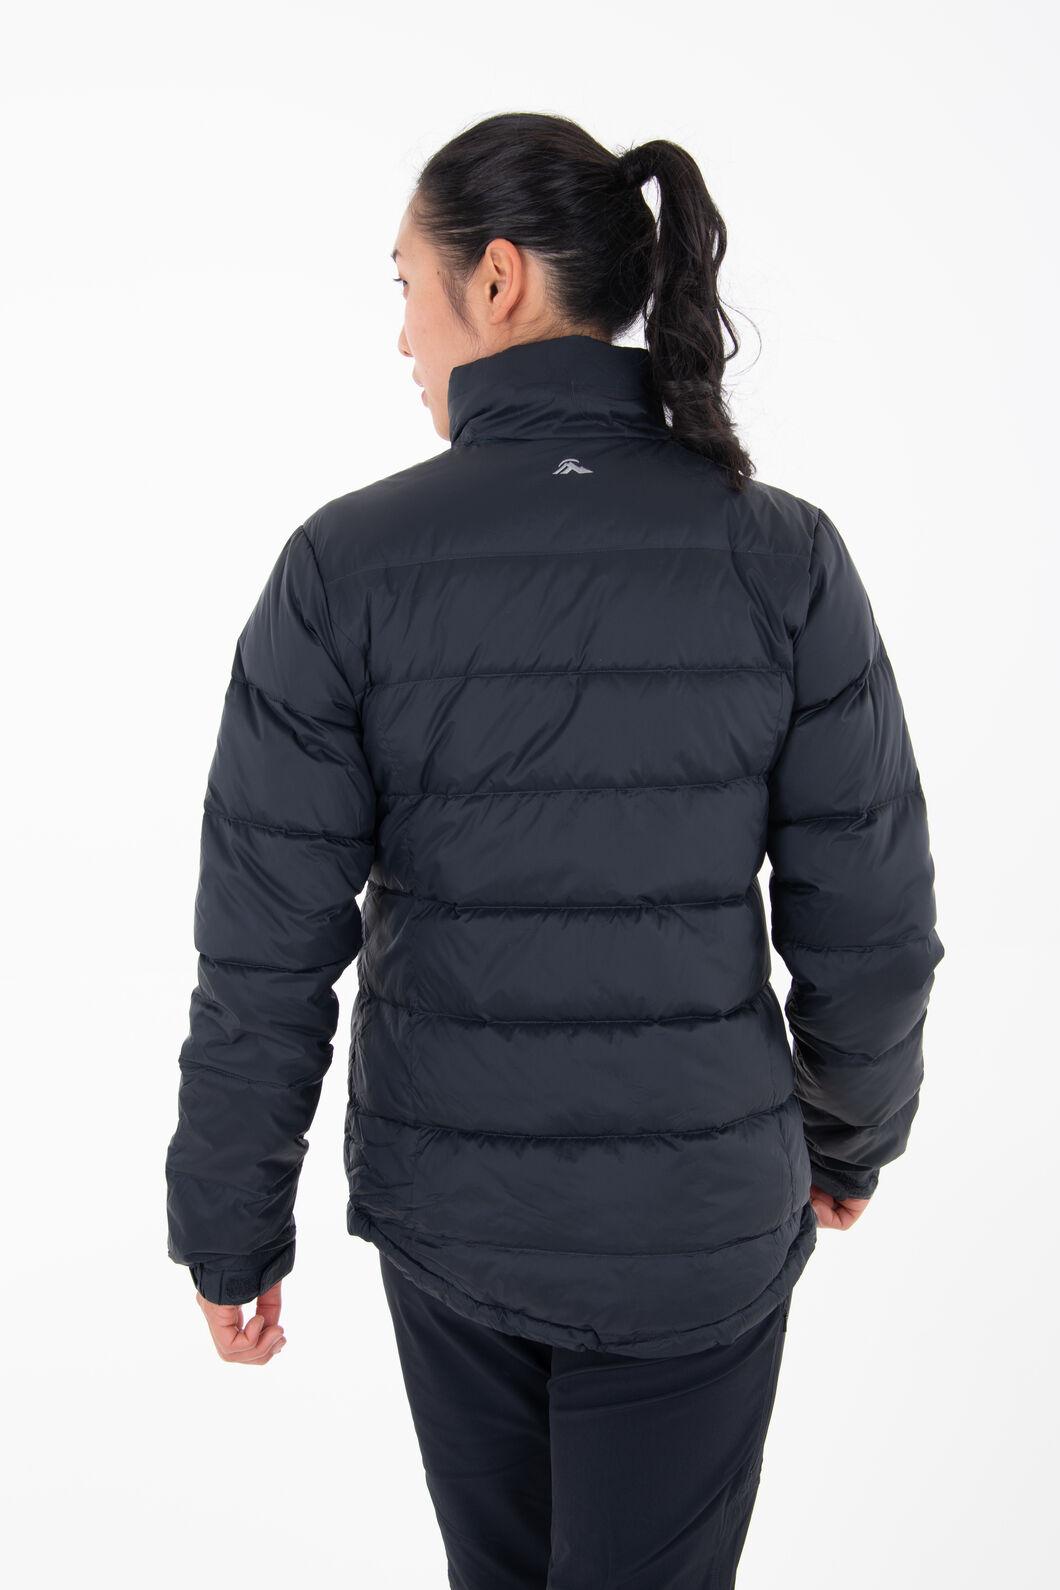 c70b00978 Macpac Halo Down Jacket - Women's   Macpac